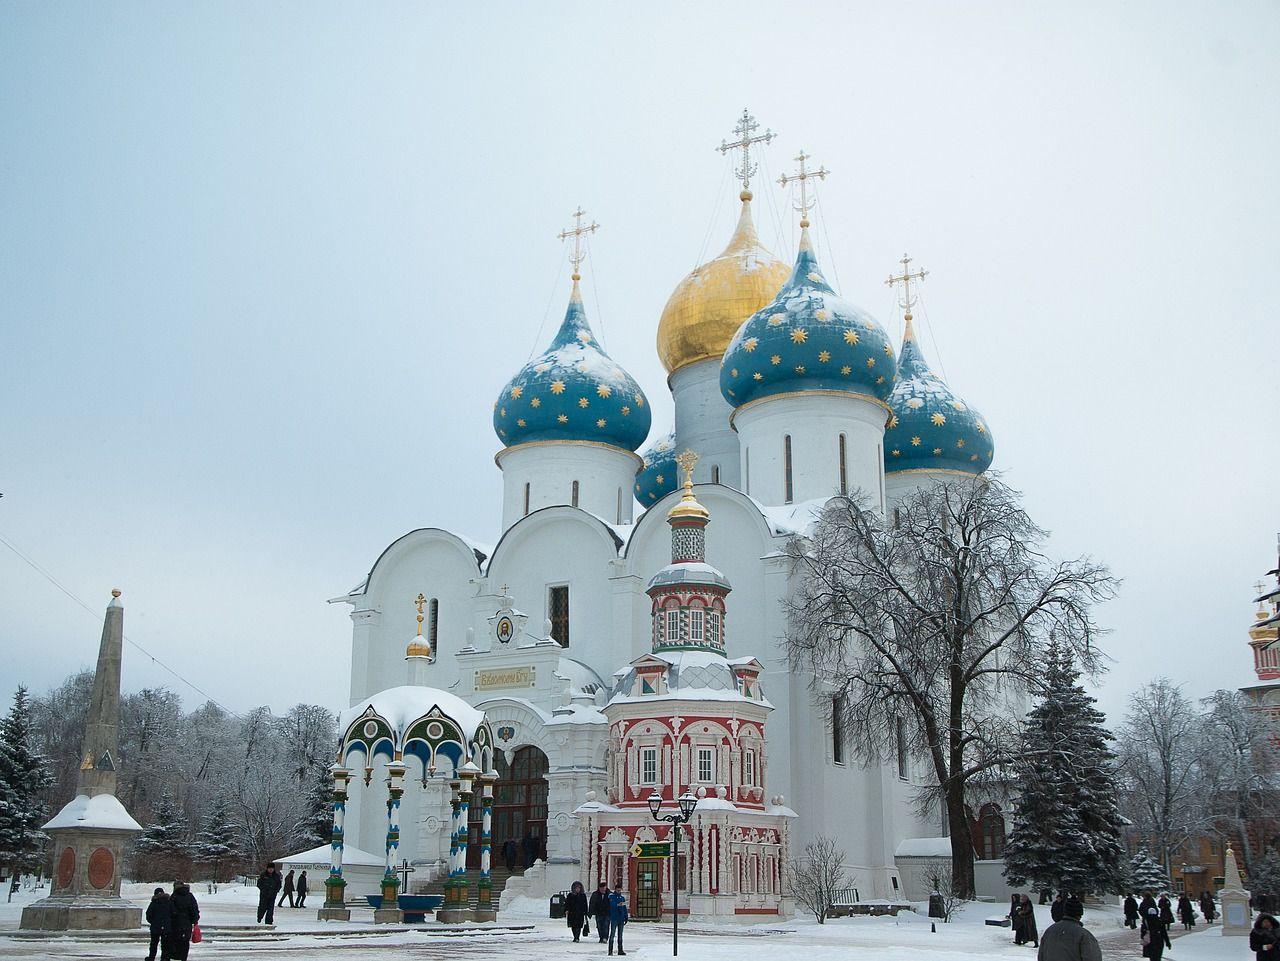 ロシア旅行のベストシーズン・格安のシーズン、季節の関係は?